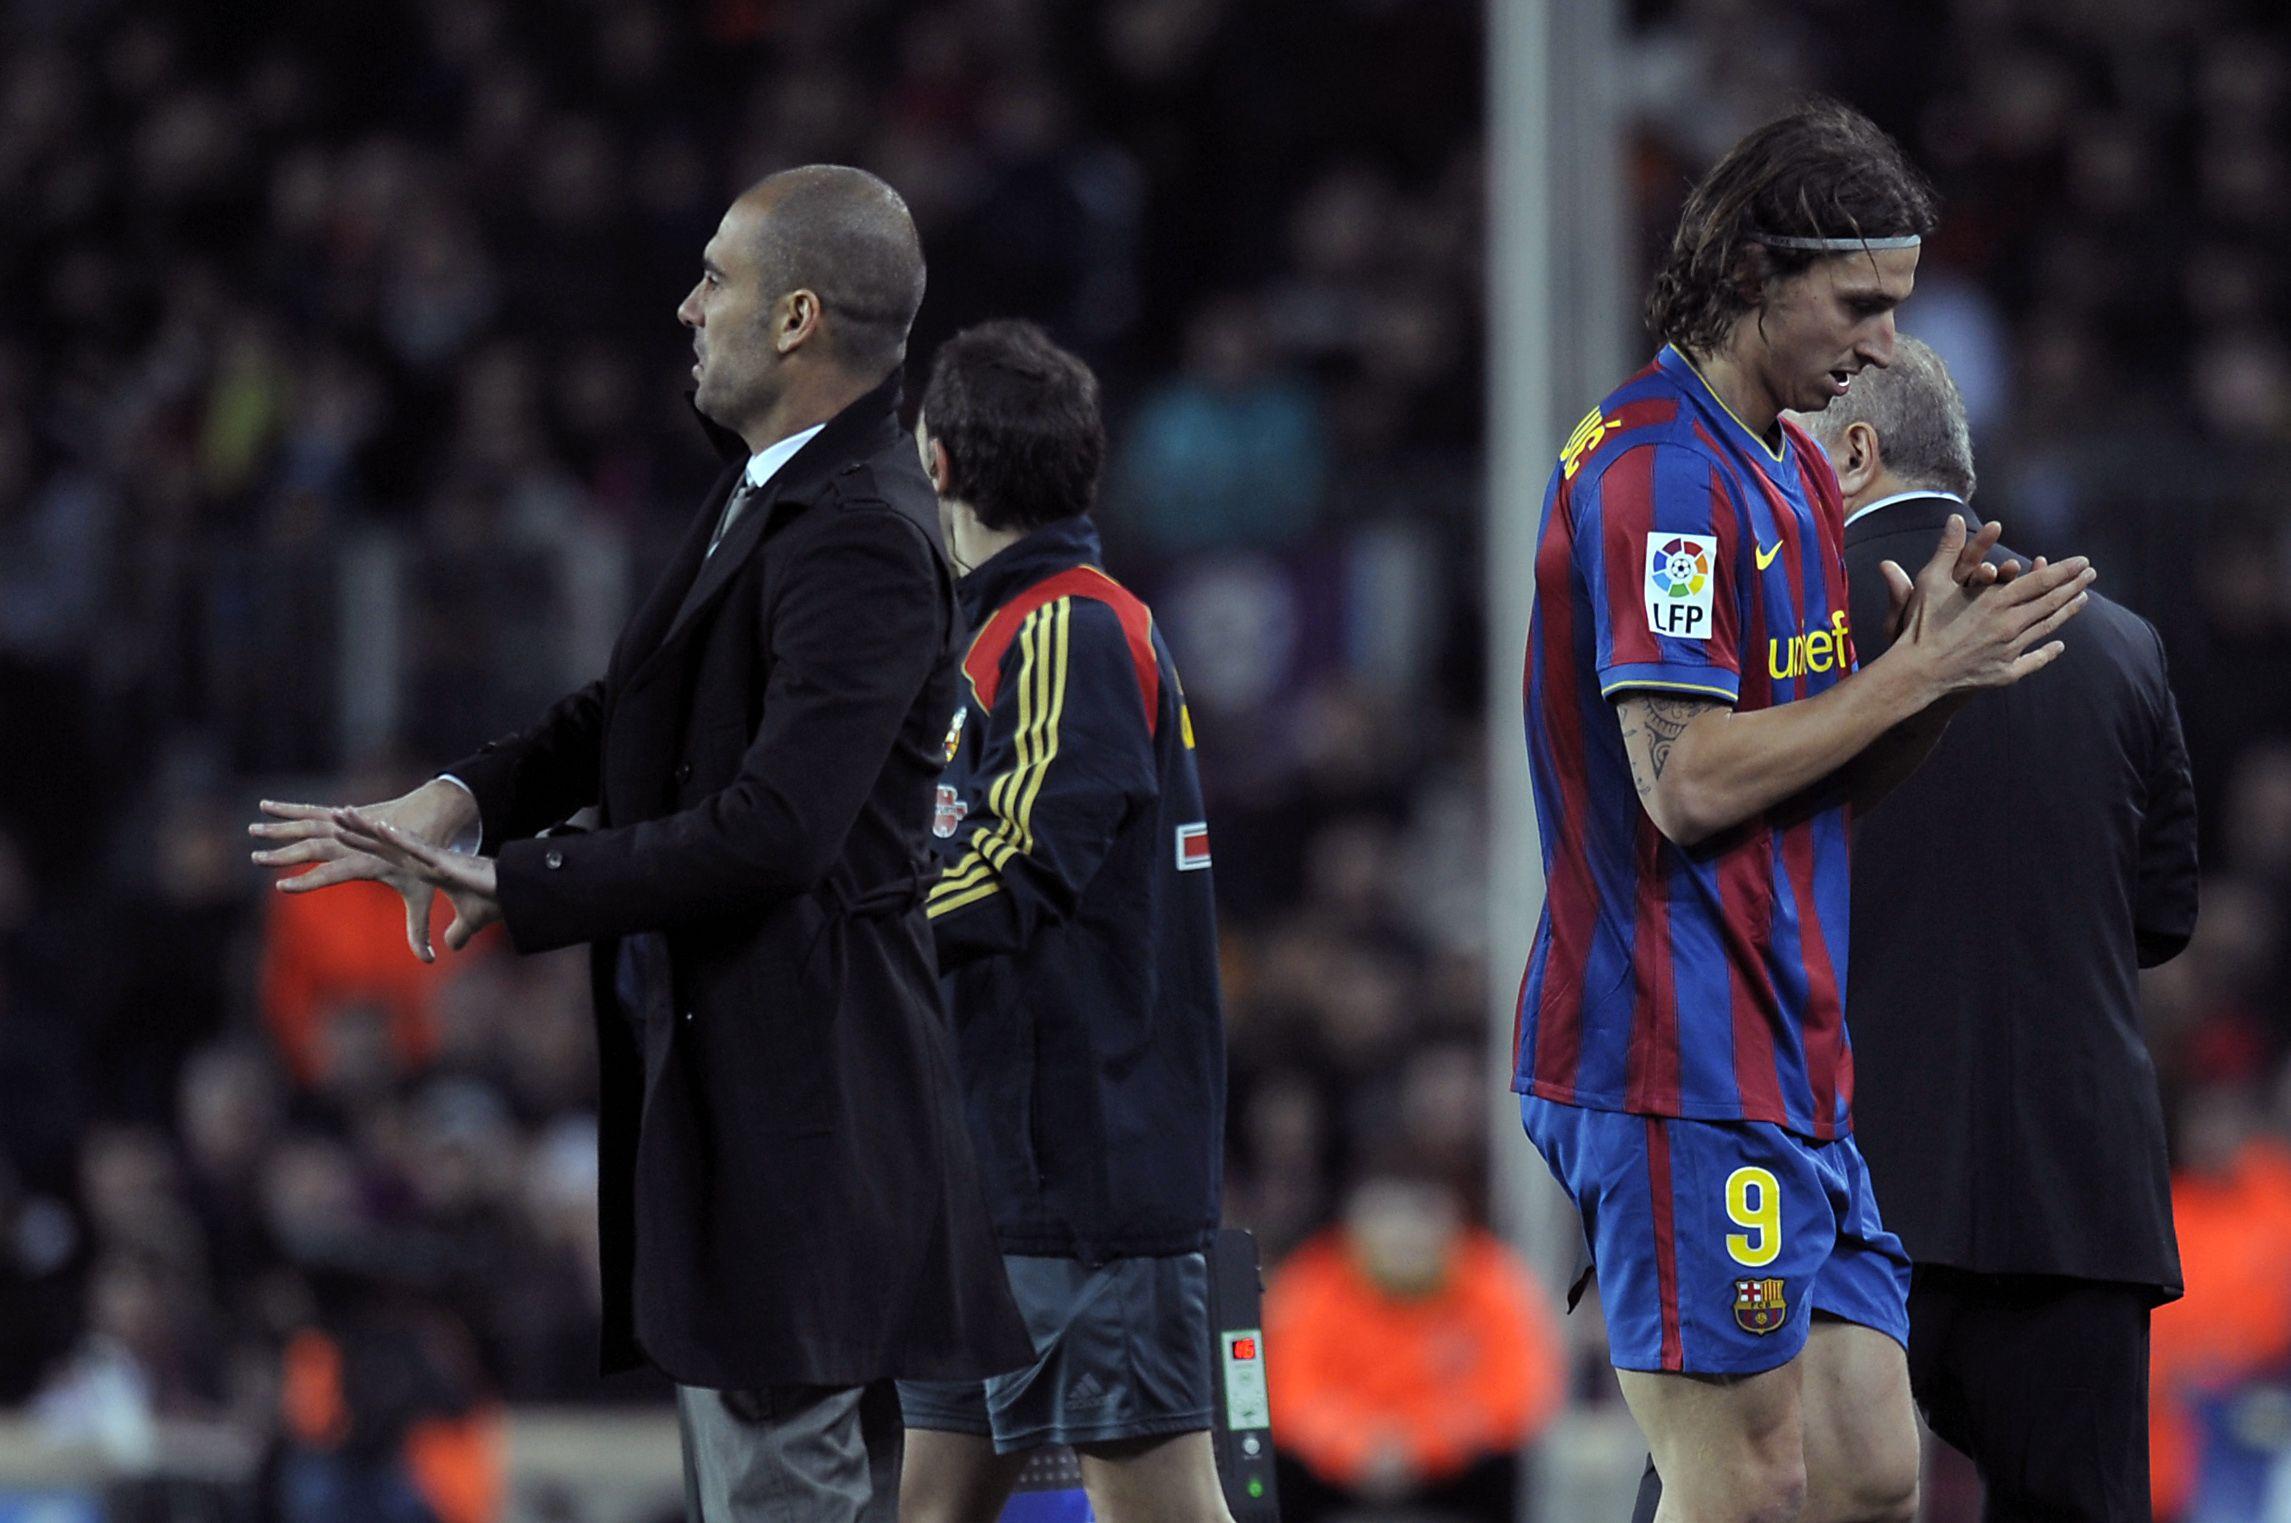 Guardiola and Ibrahimovic